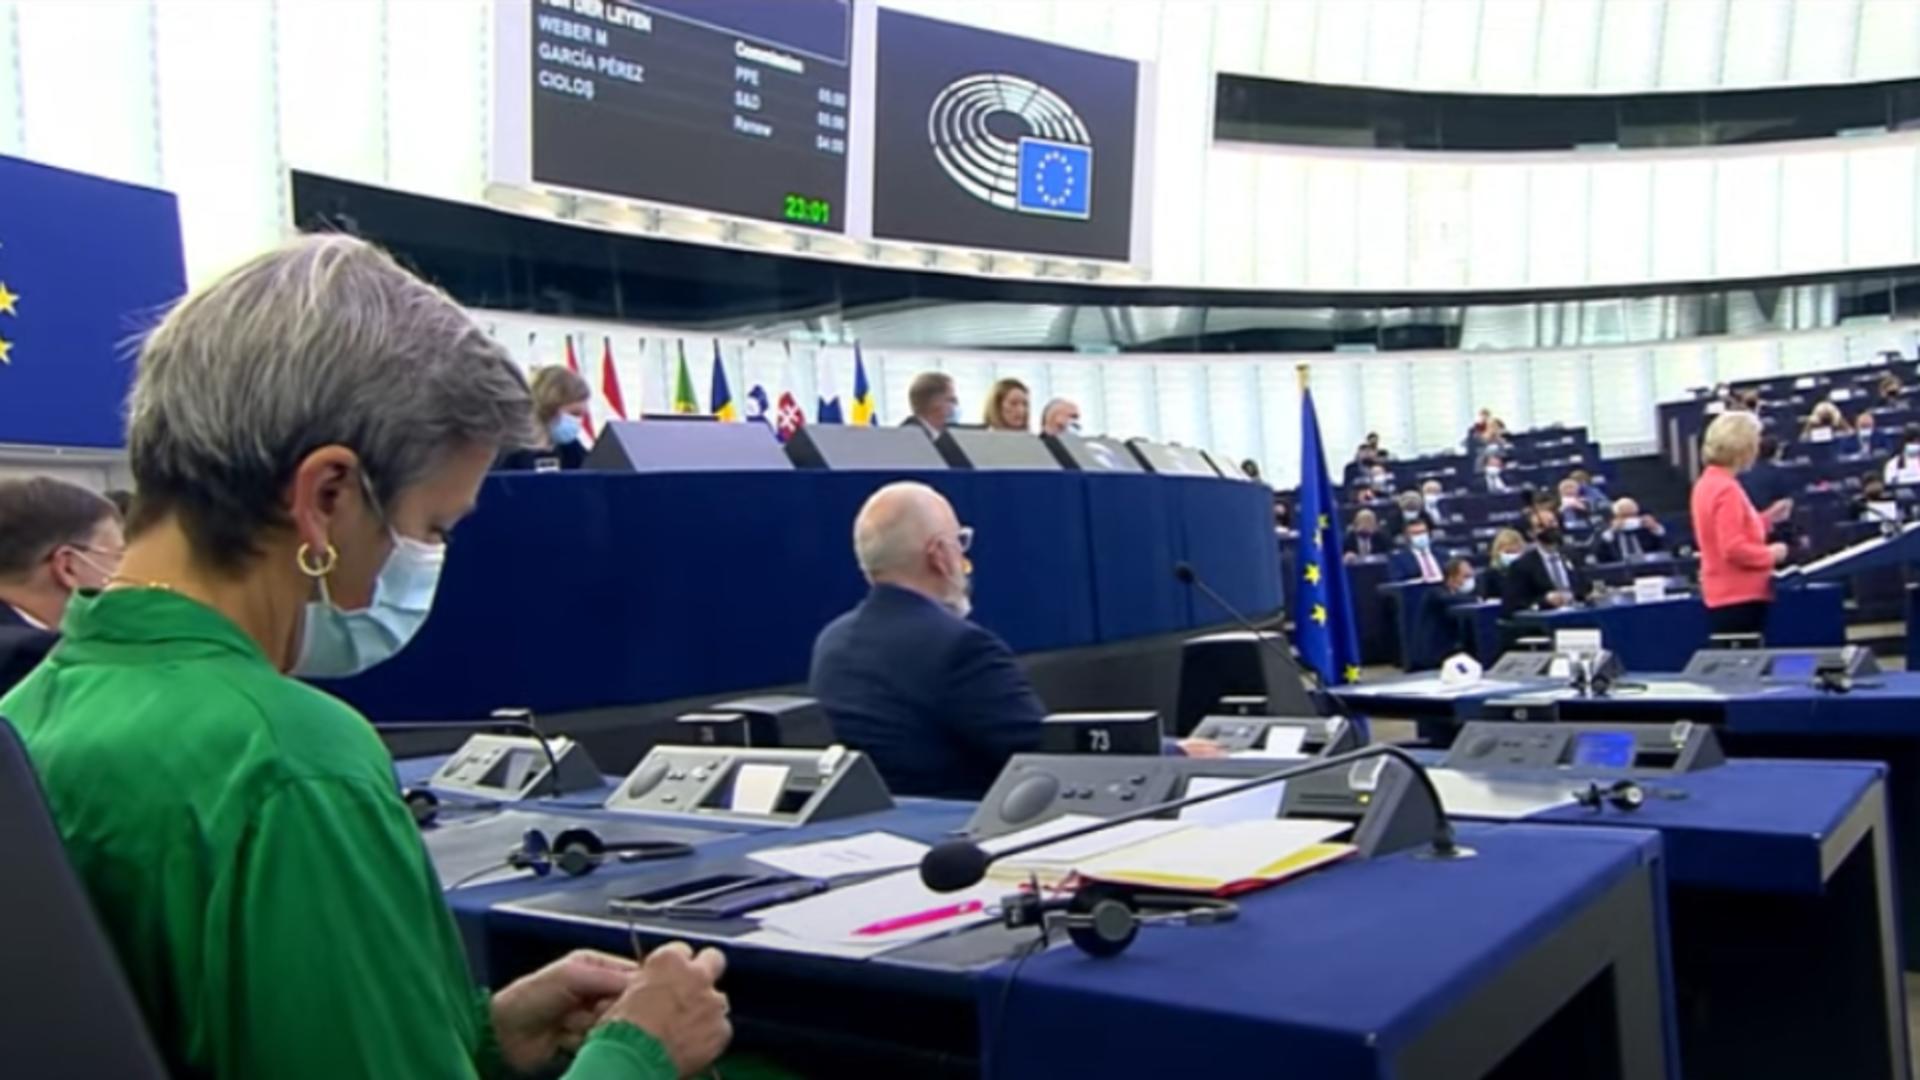 Comisar european tricotând în plenul PE / Captură video